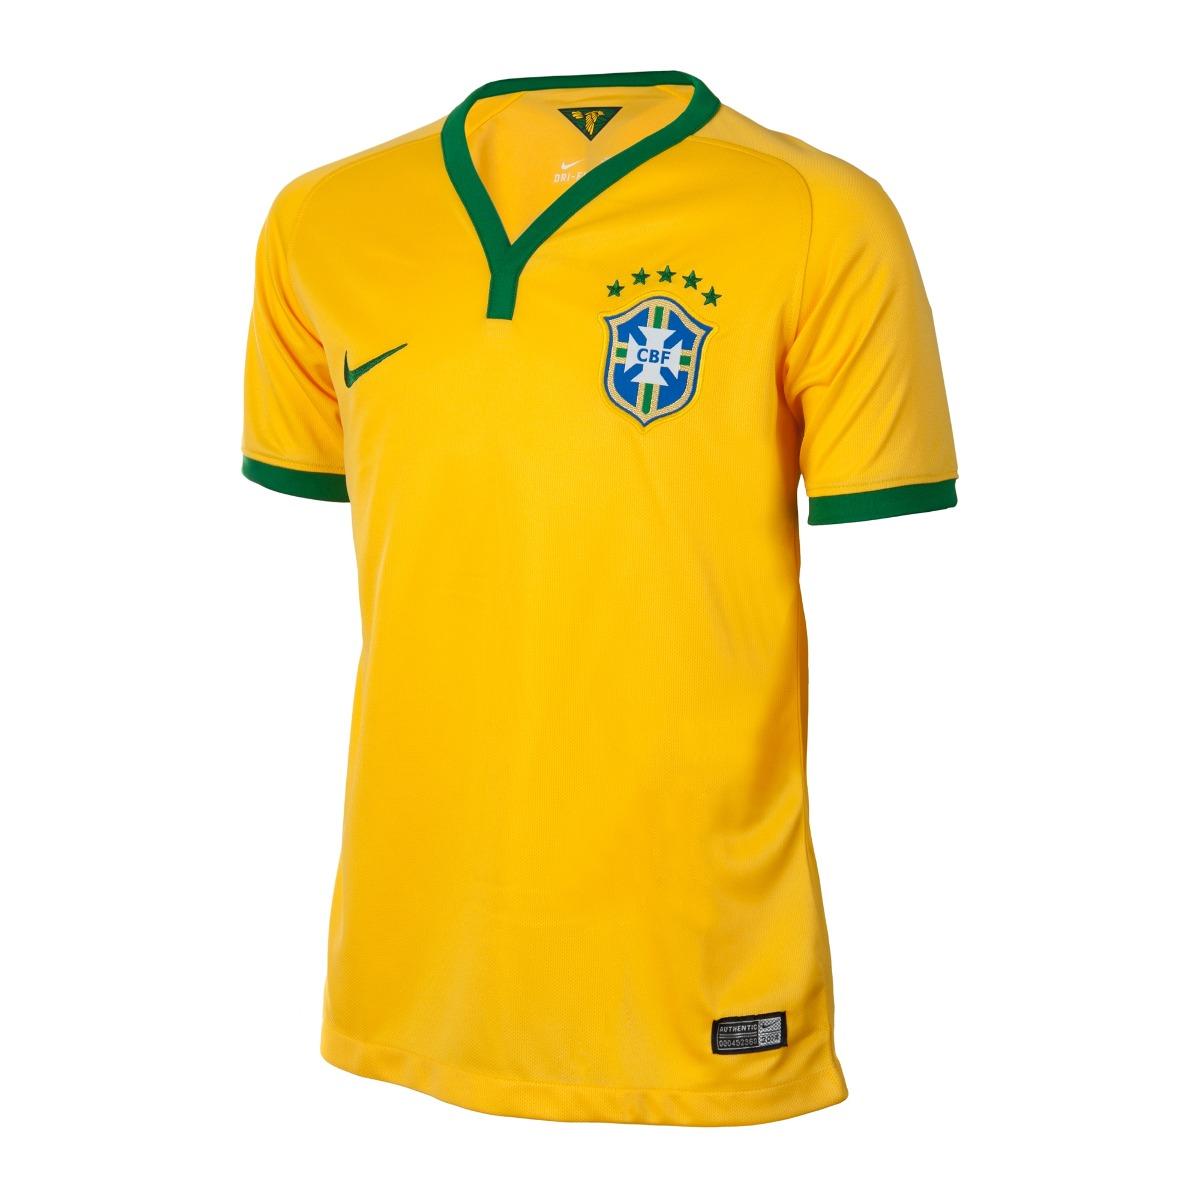 53cd2f91f5 2 camisetas infantil cbf brasil torcedor i oficial promoção. Carregando  zoom.